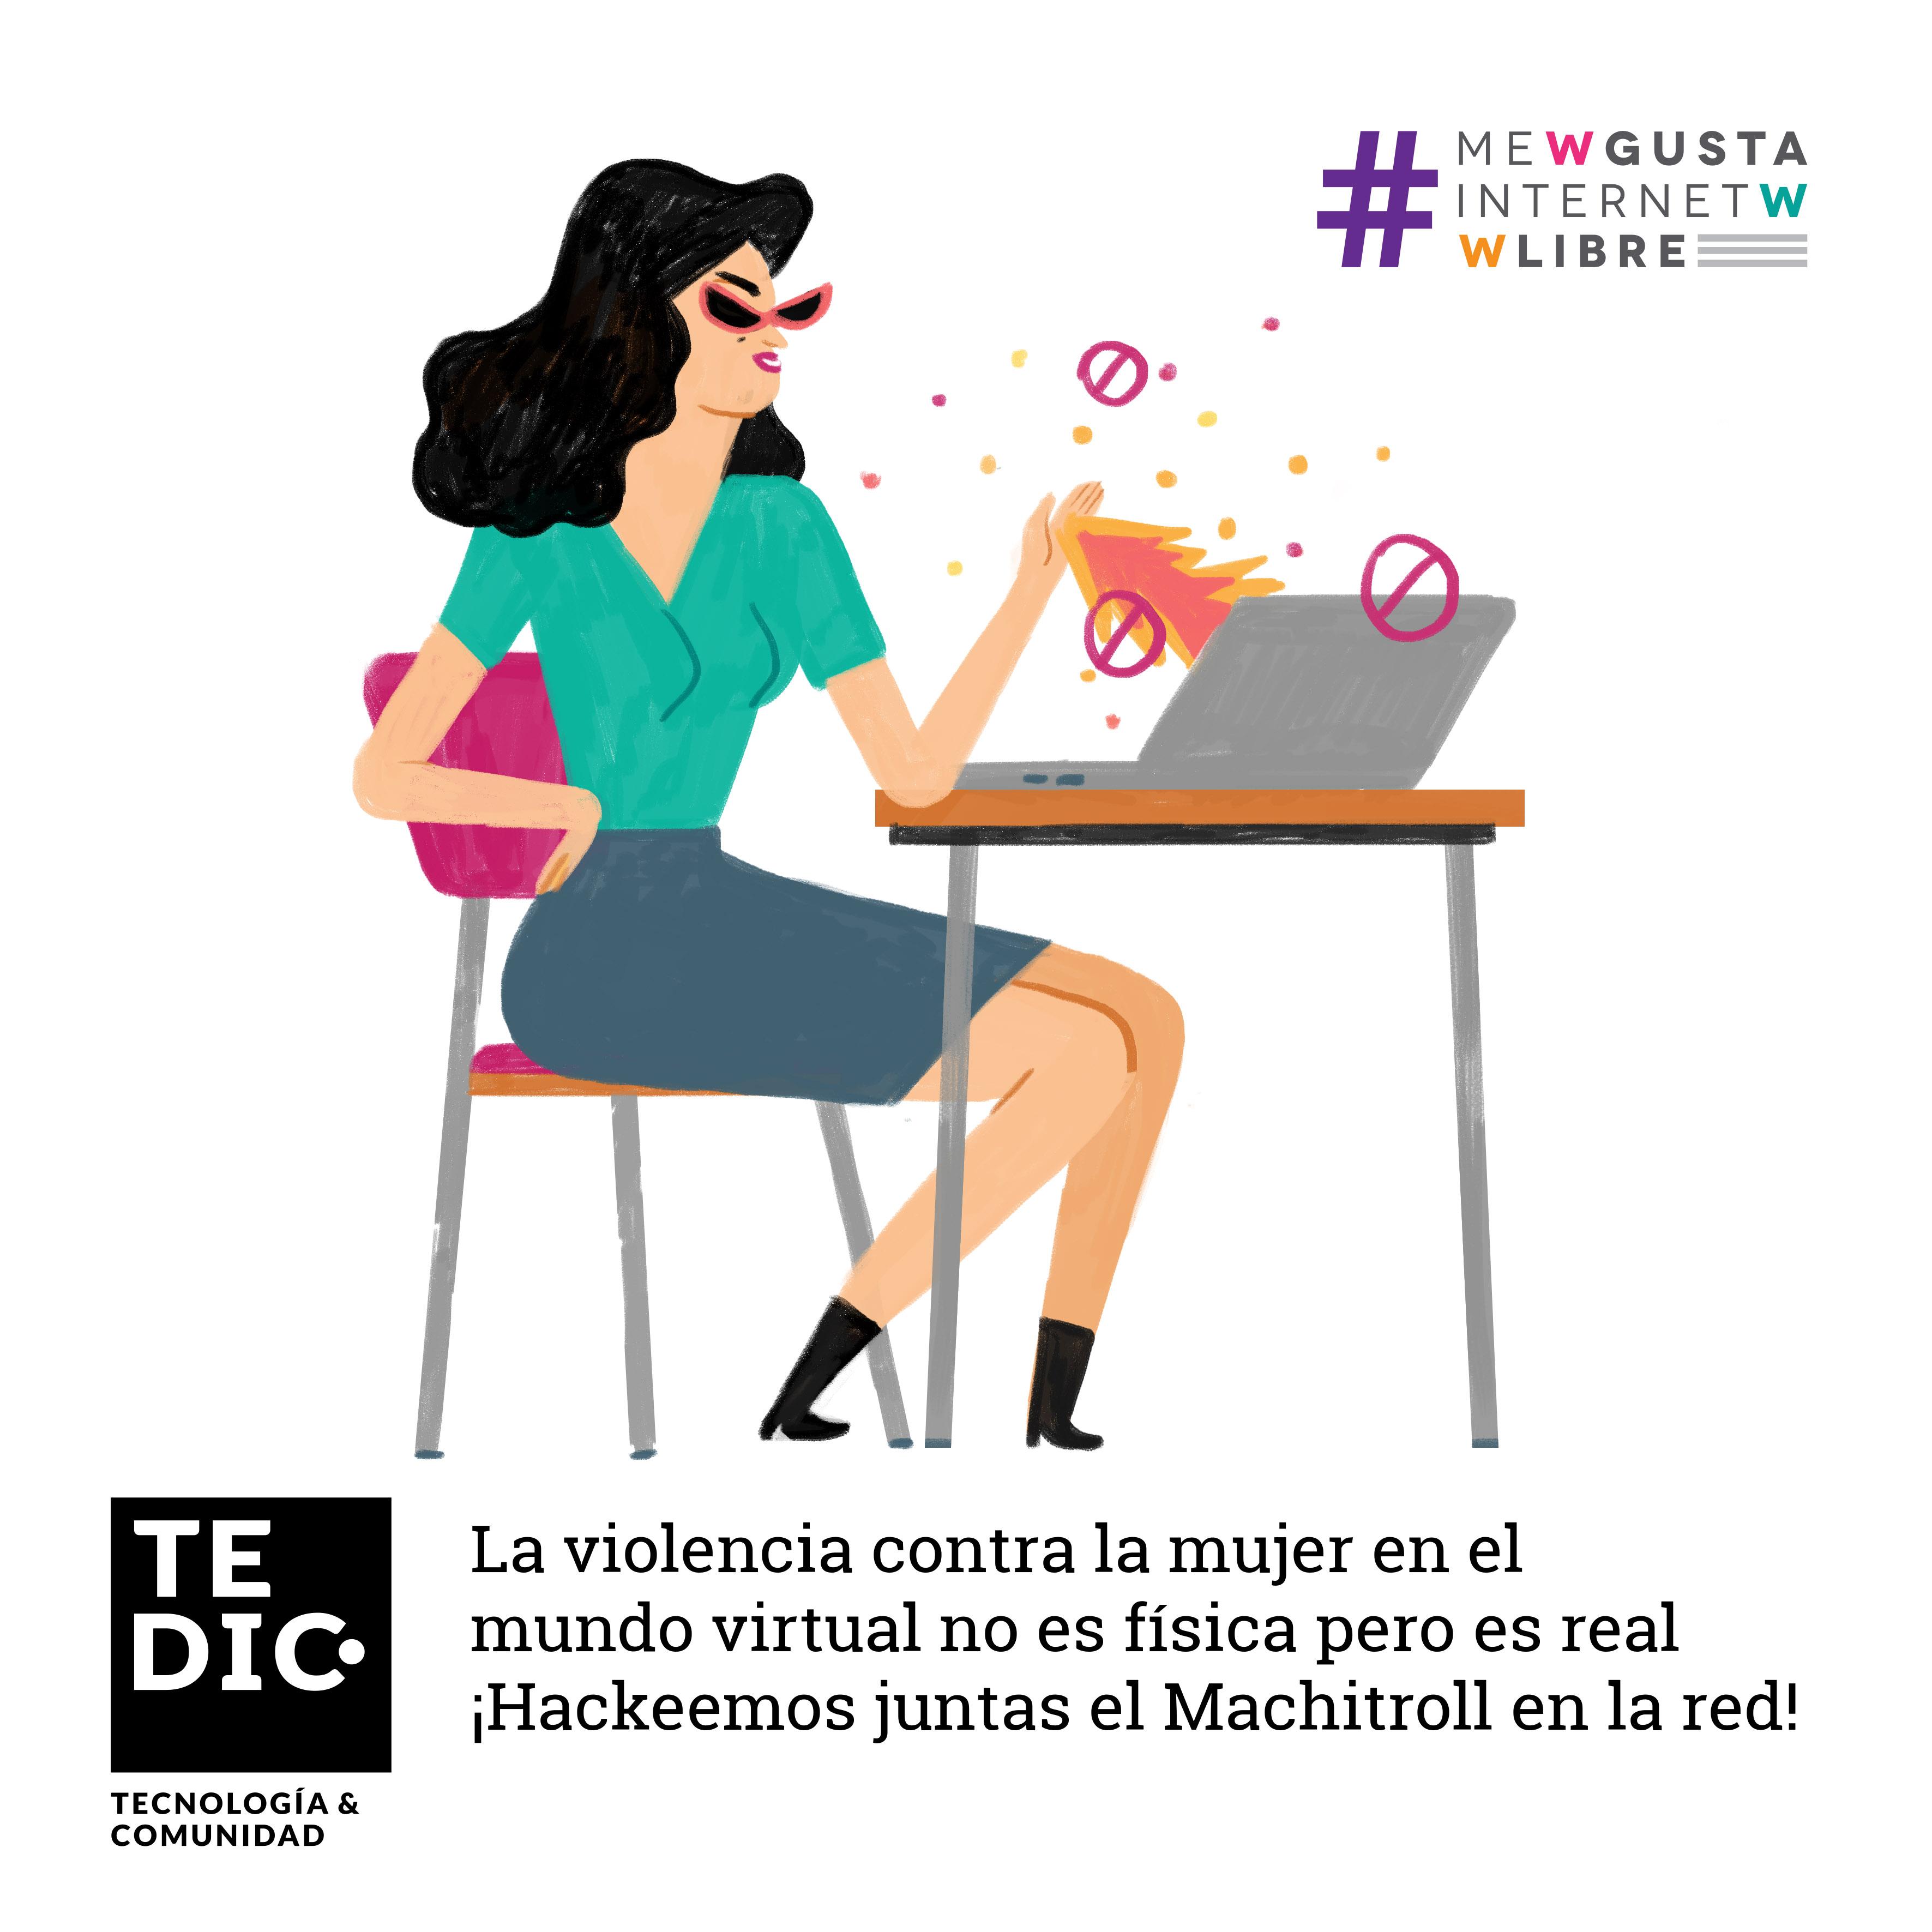 TEDIC_Mujer_ok